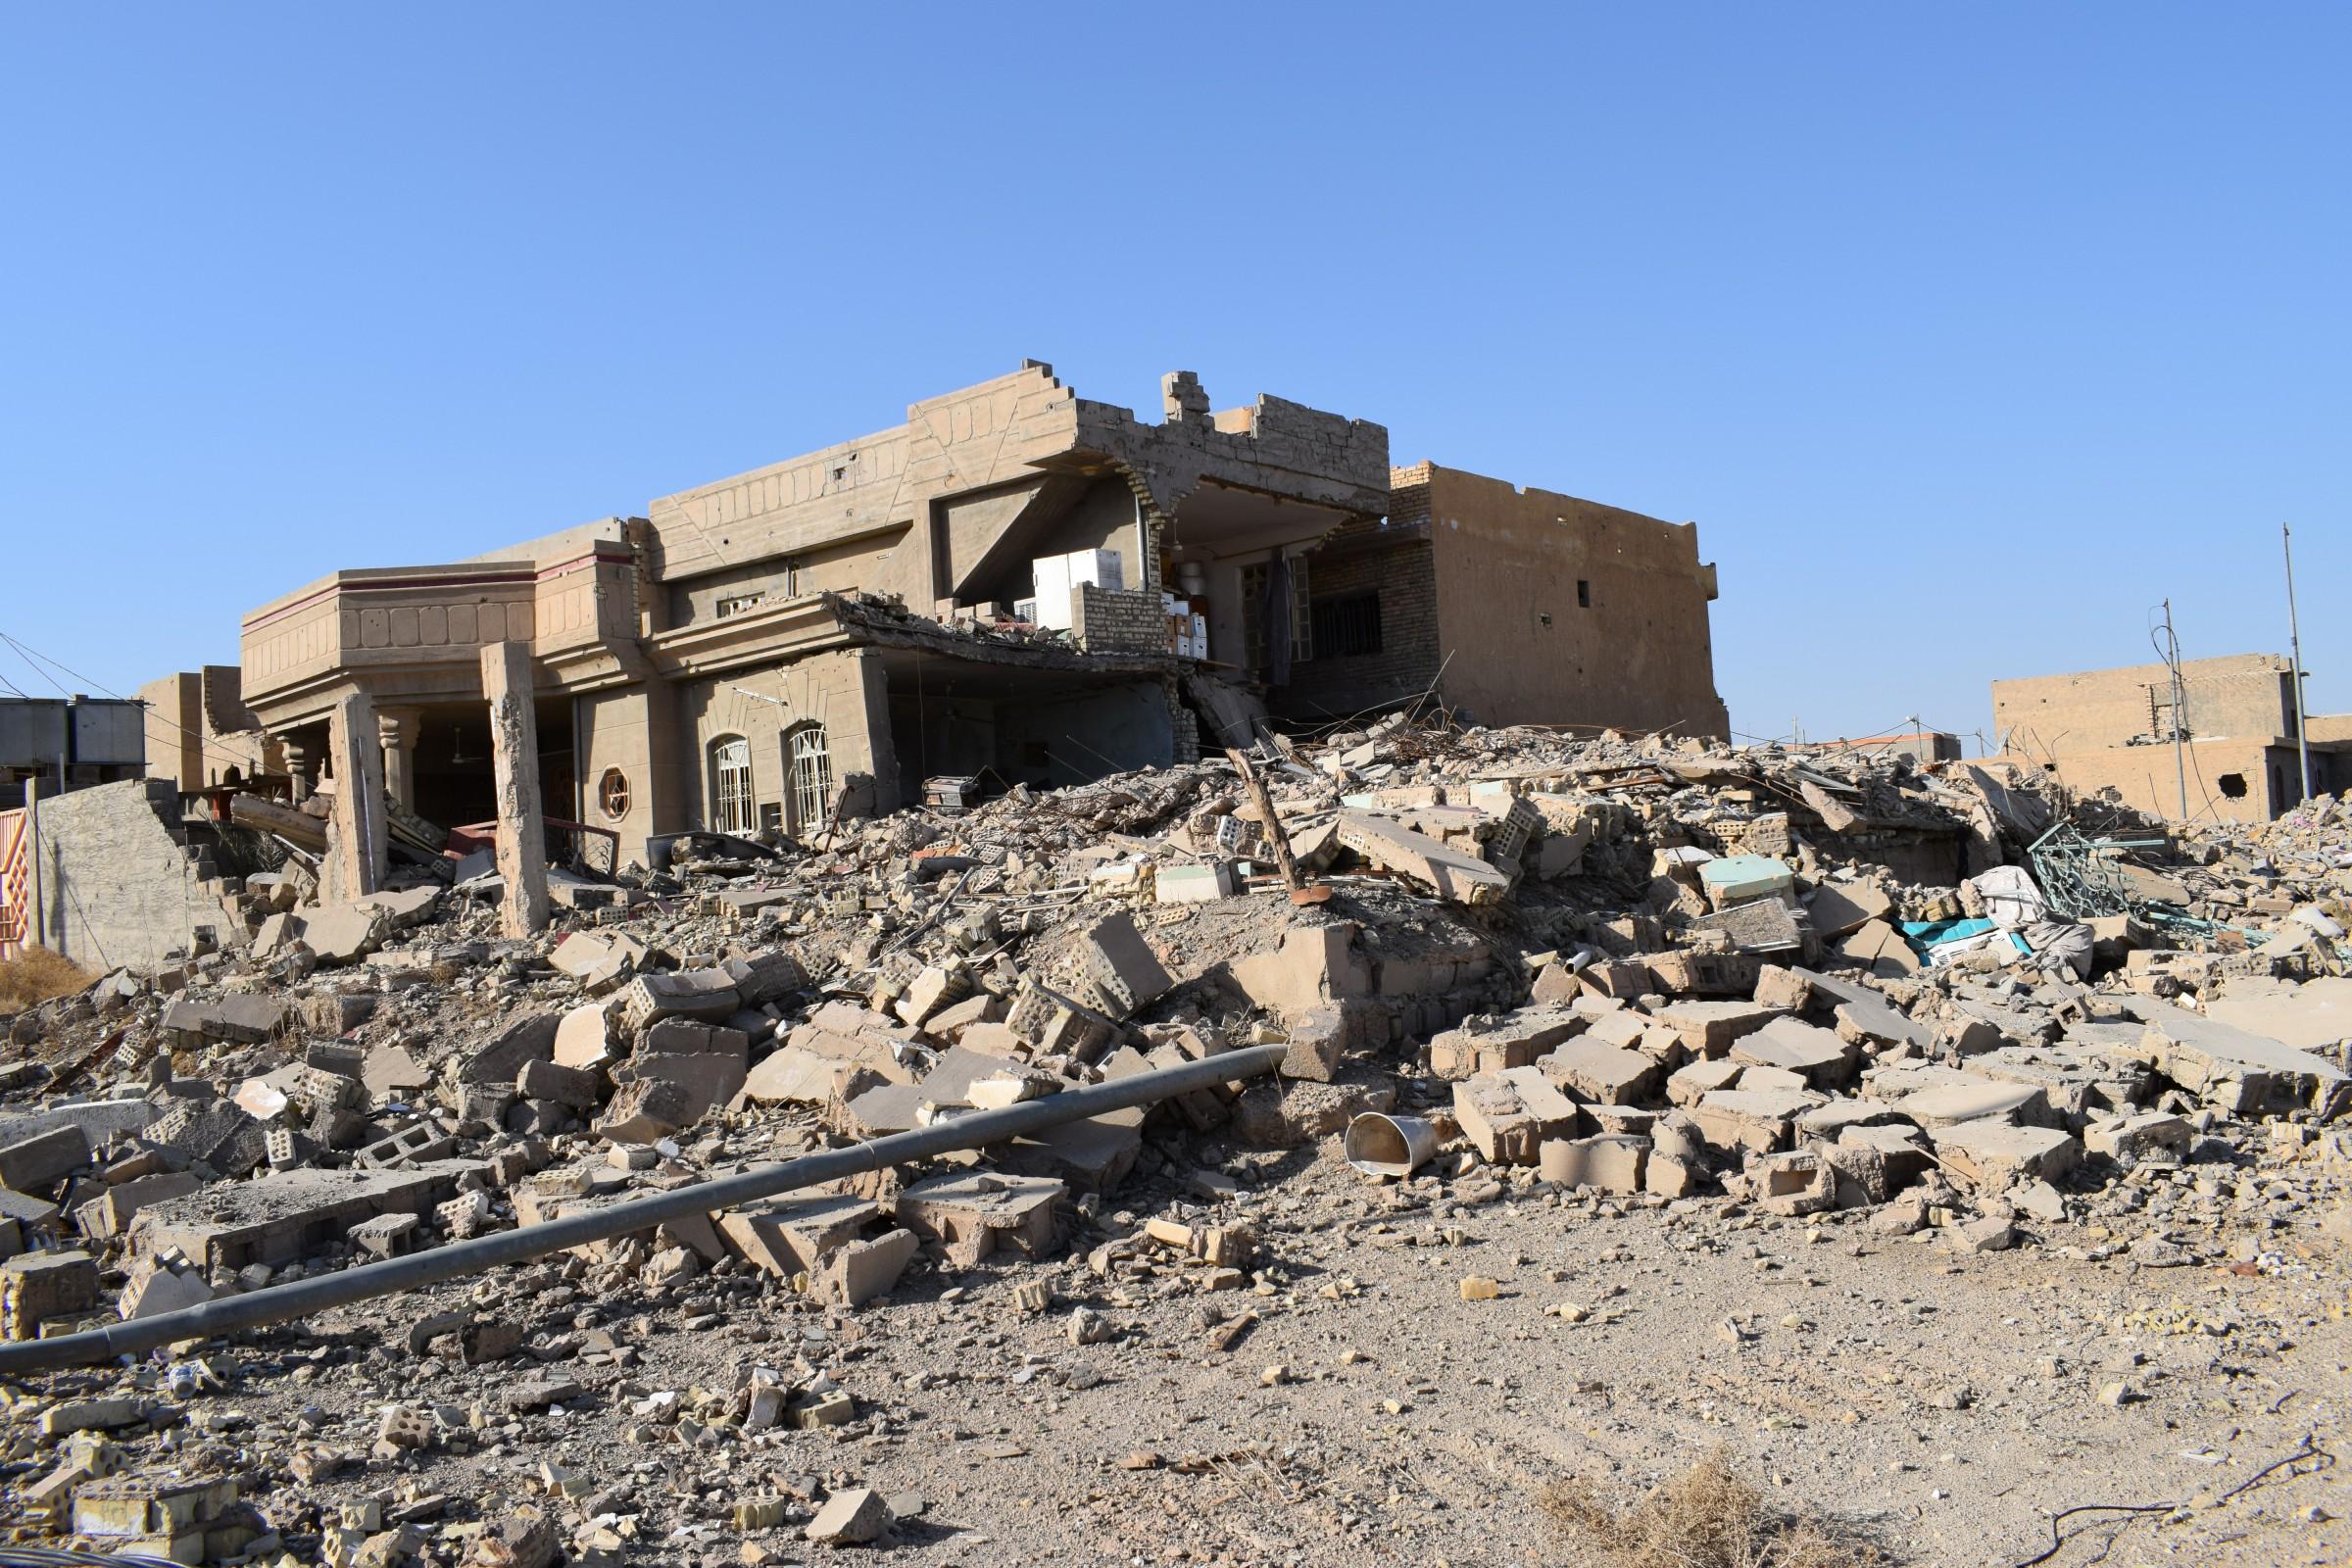 """الأنبار تناشد المنظمات الدولية إعادة إعمار 100 دار واطئة الكلفة دمرها """"داعش"""""""